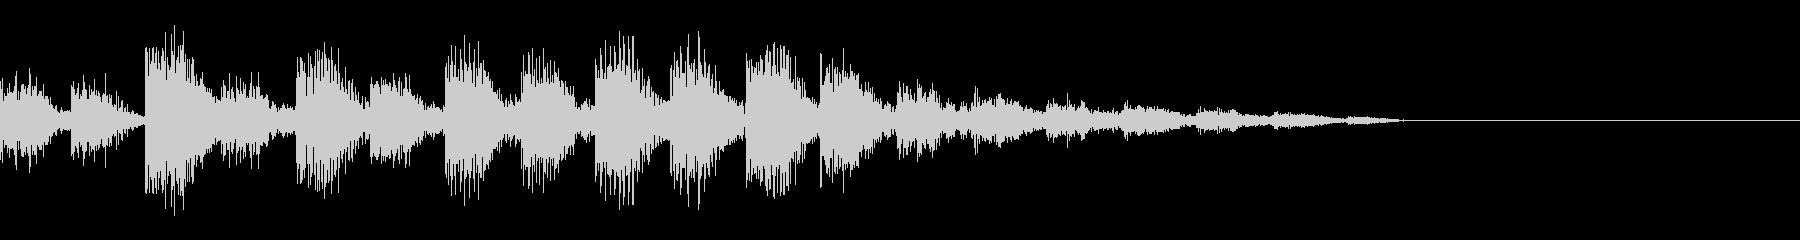 データローディング中の音の未再生の波形